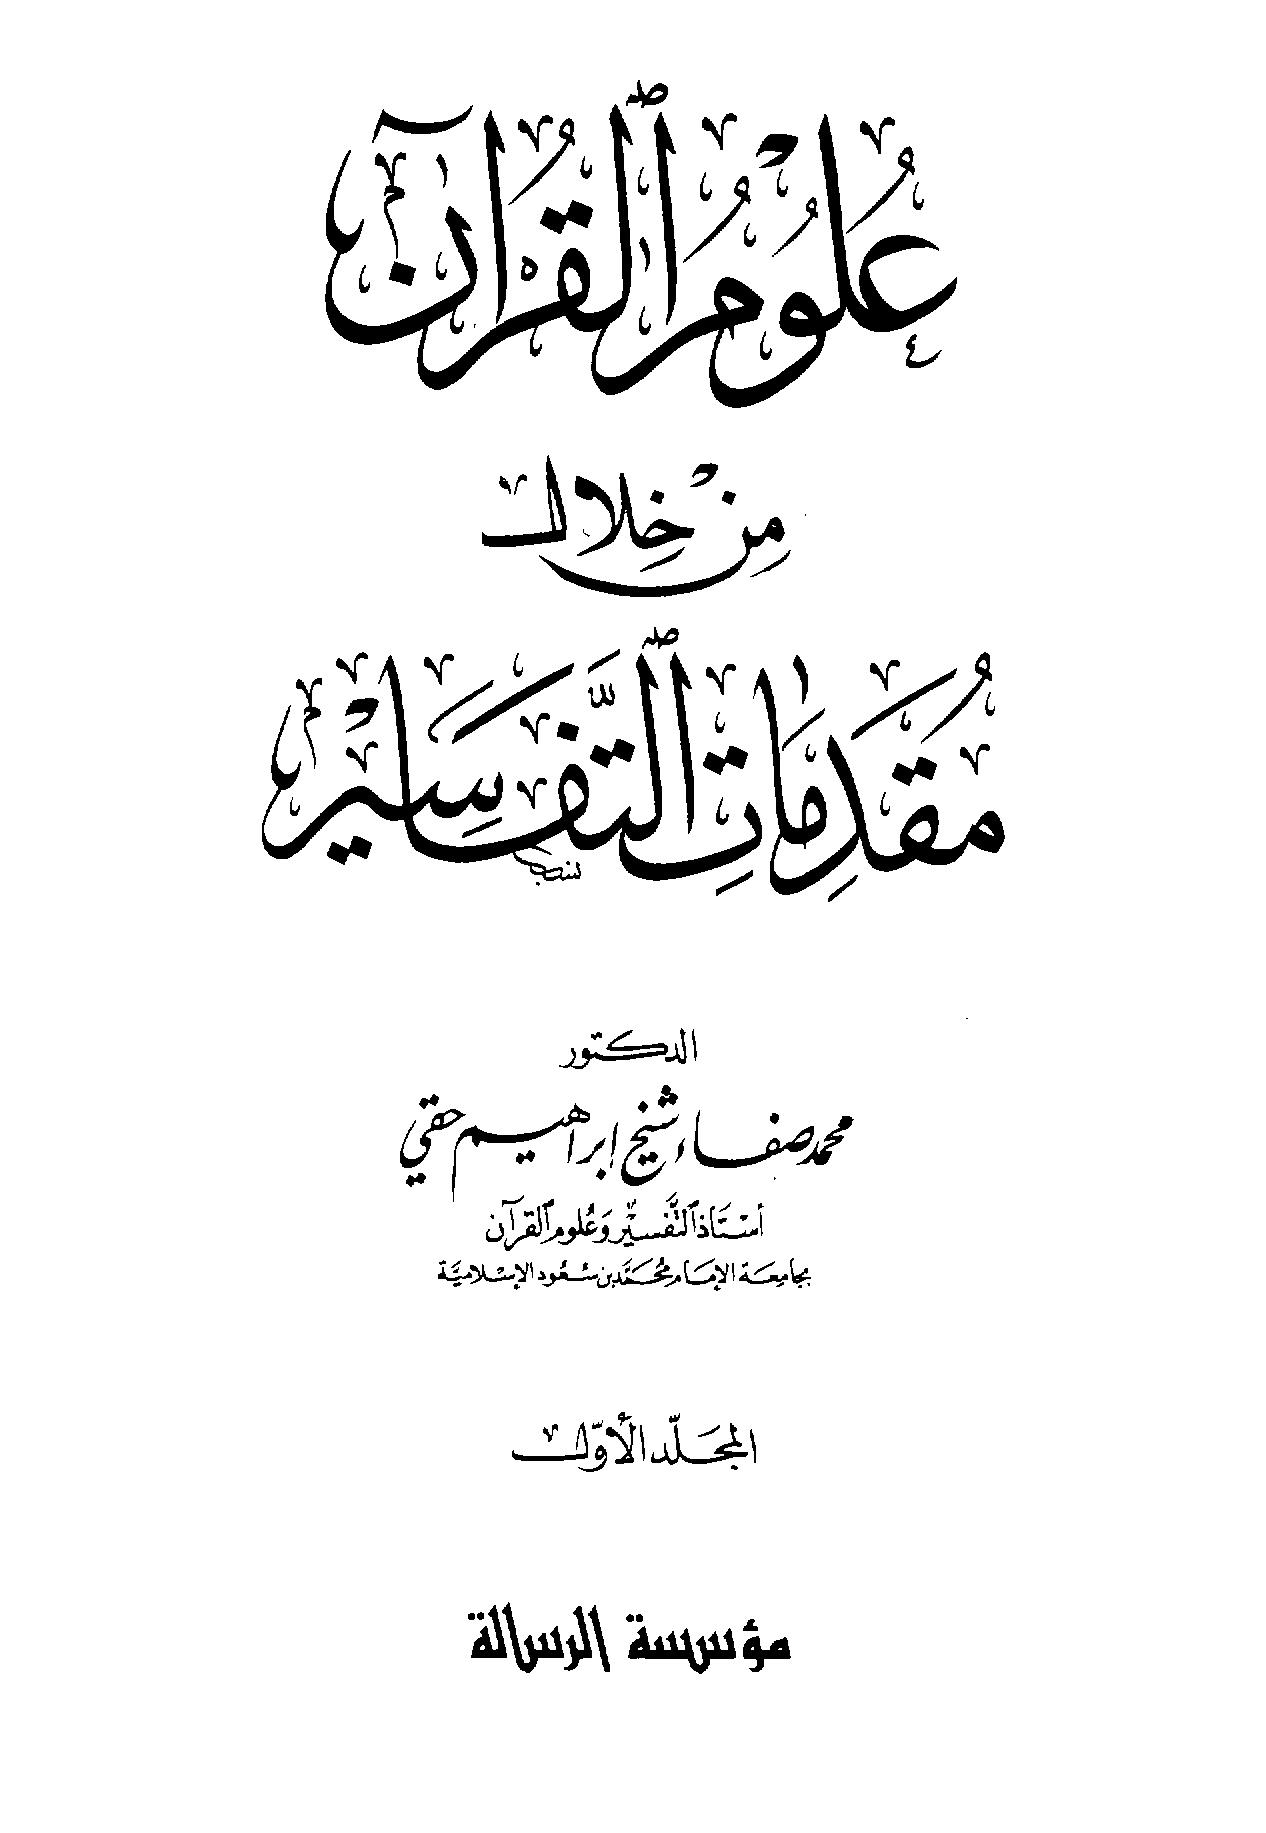 تحميل كتاب علوم القرآن من خلال مقدمات التفاسير لـِ: الدكتور محمد صفاء بن شيخ إبراهيم حقي العلواني